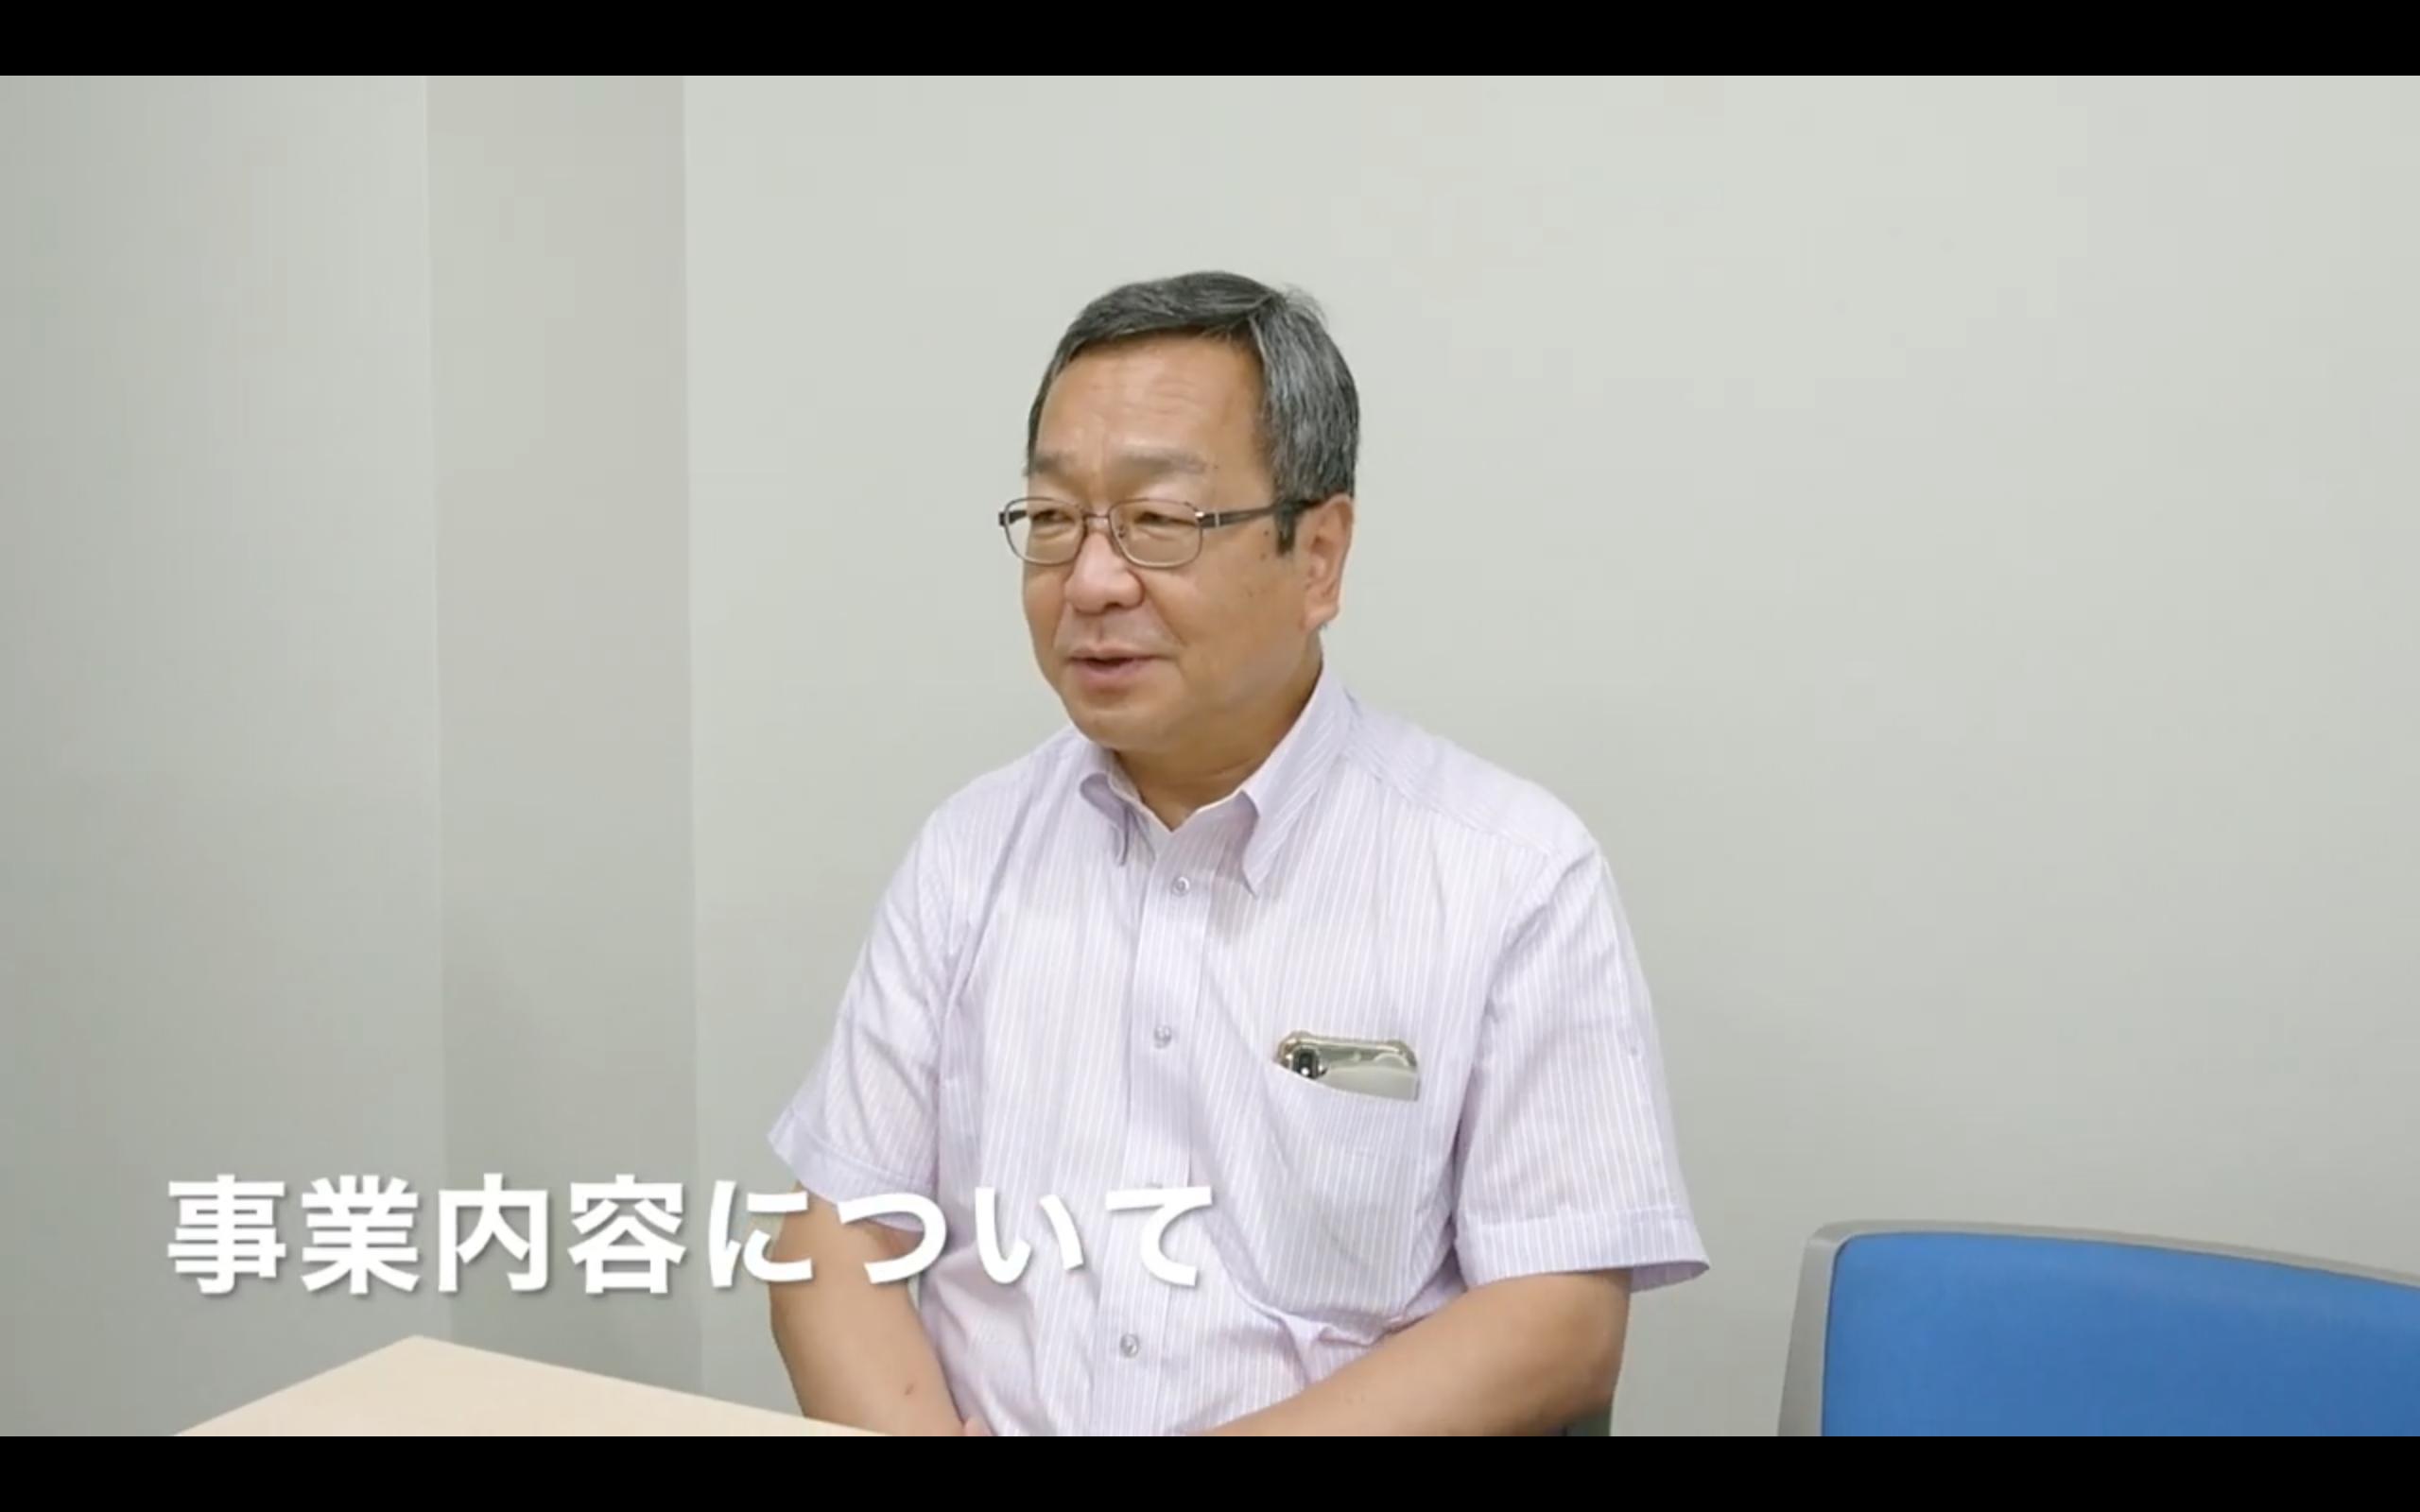 株式会社ナールスコーポレーション インタビュー動画│第5回「これからの1000年を紡ぐ企業認定」